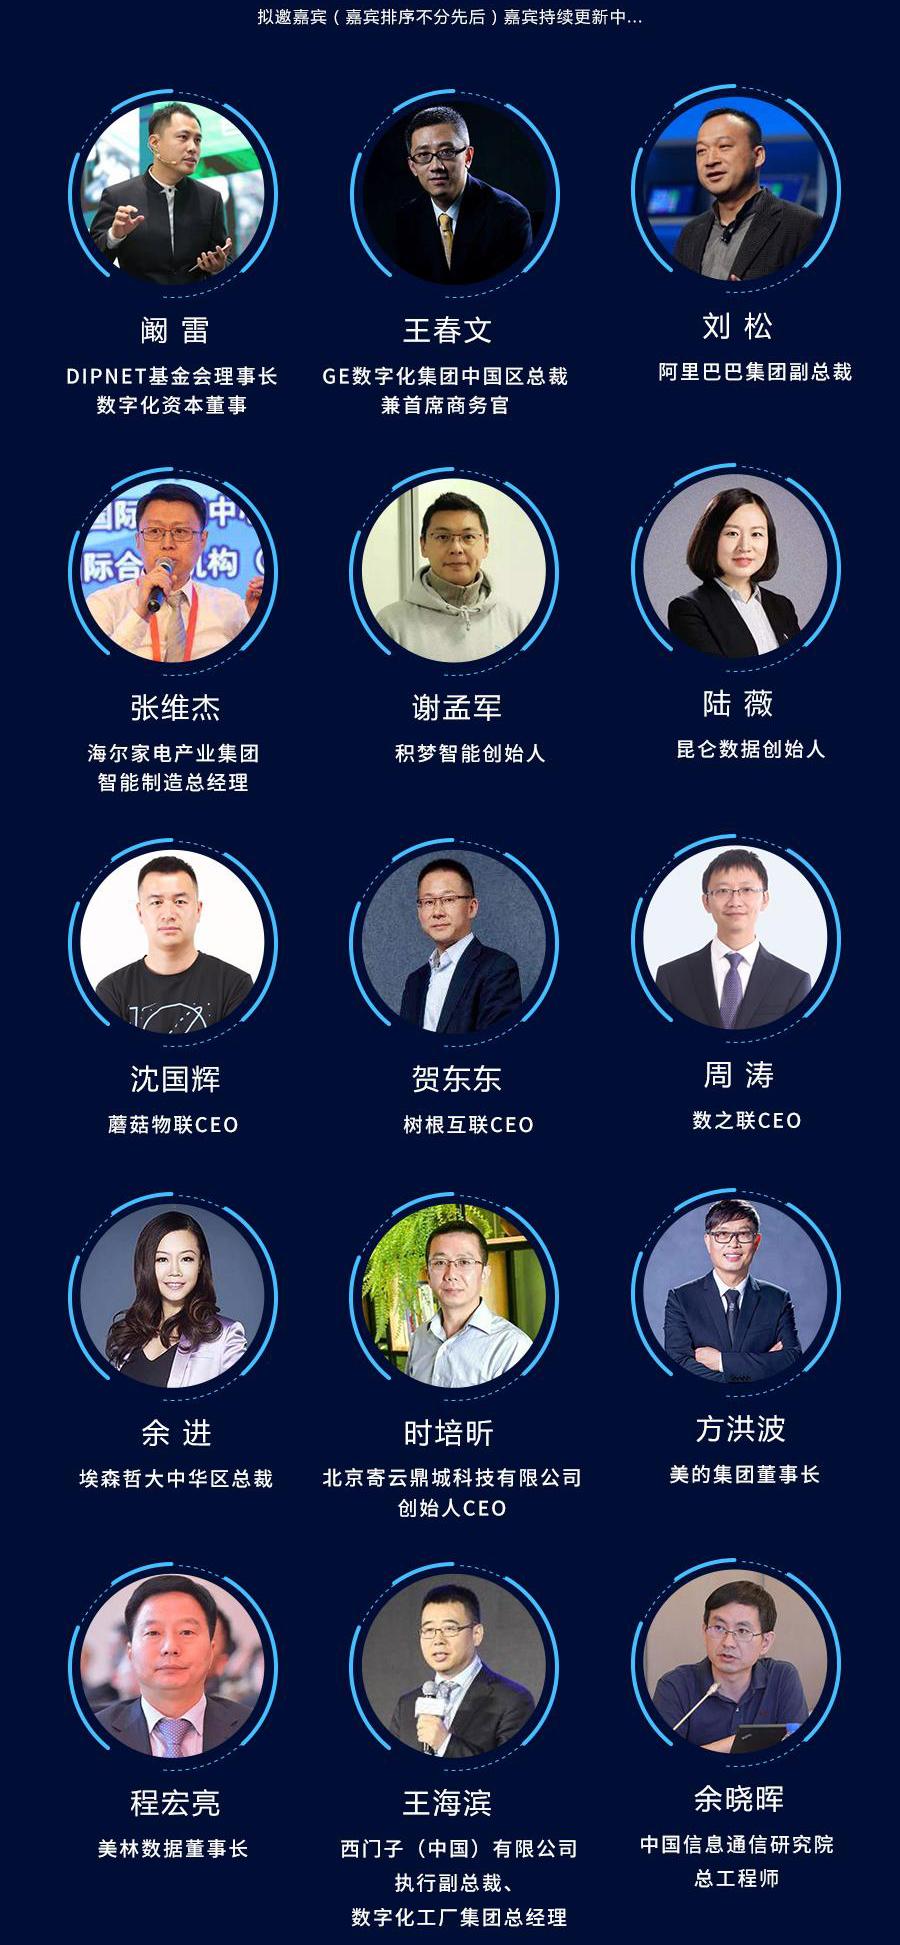 2018 AI in China 之智能制造-数据驱动产业变革-高峰论坛(人工智能)